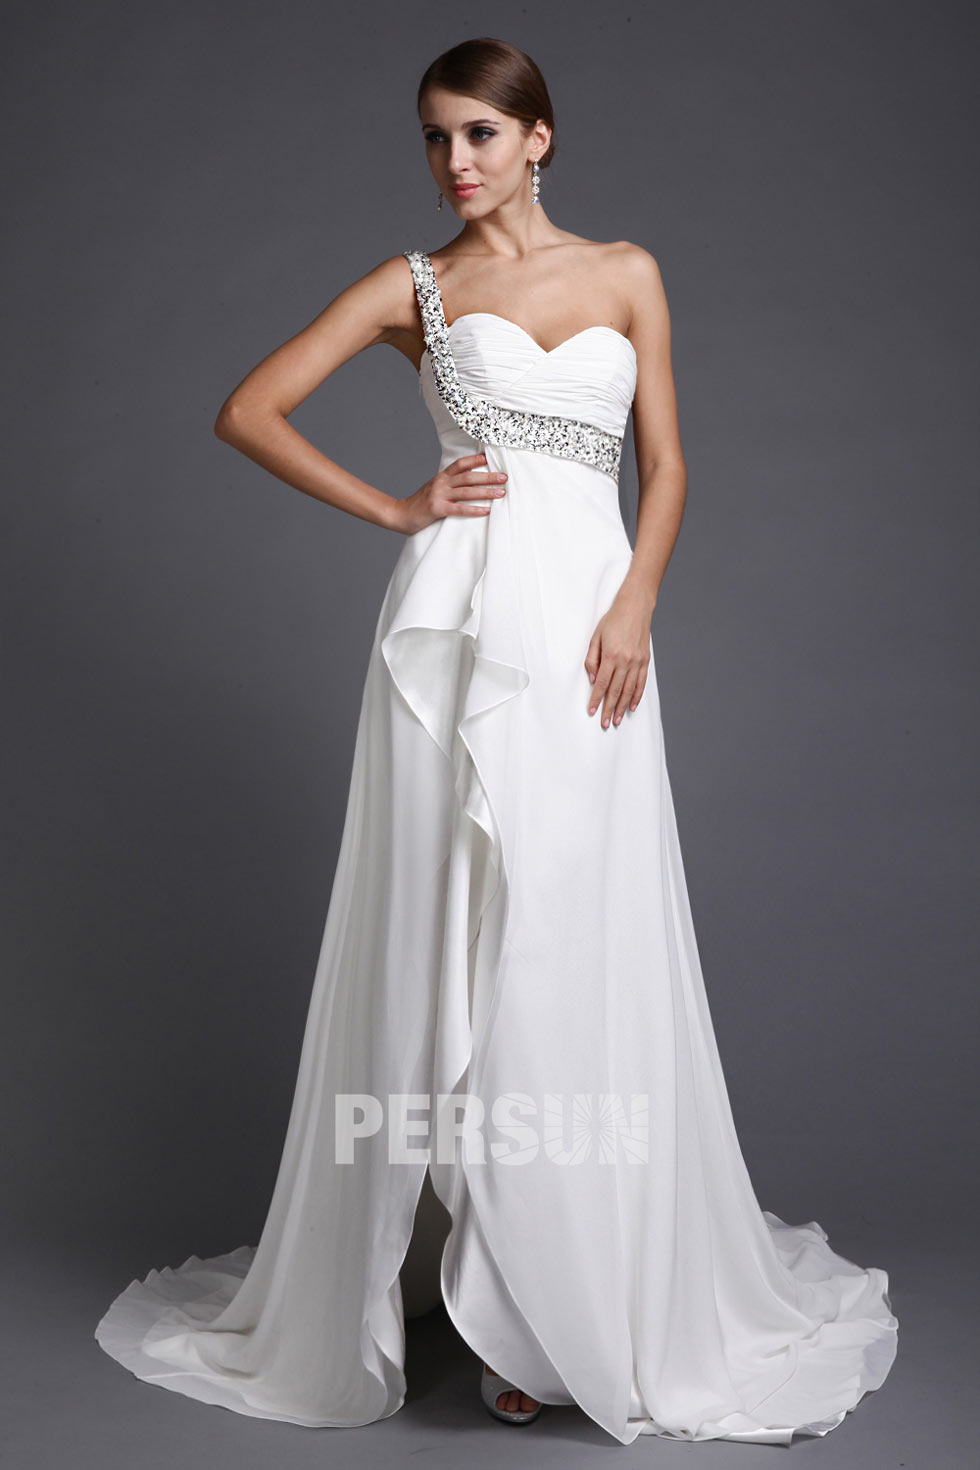 robe blanche asymétrique cousue de paillettes pour mariage décolleté en coeur